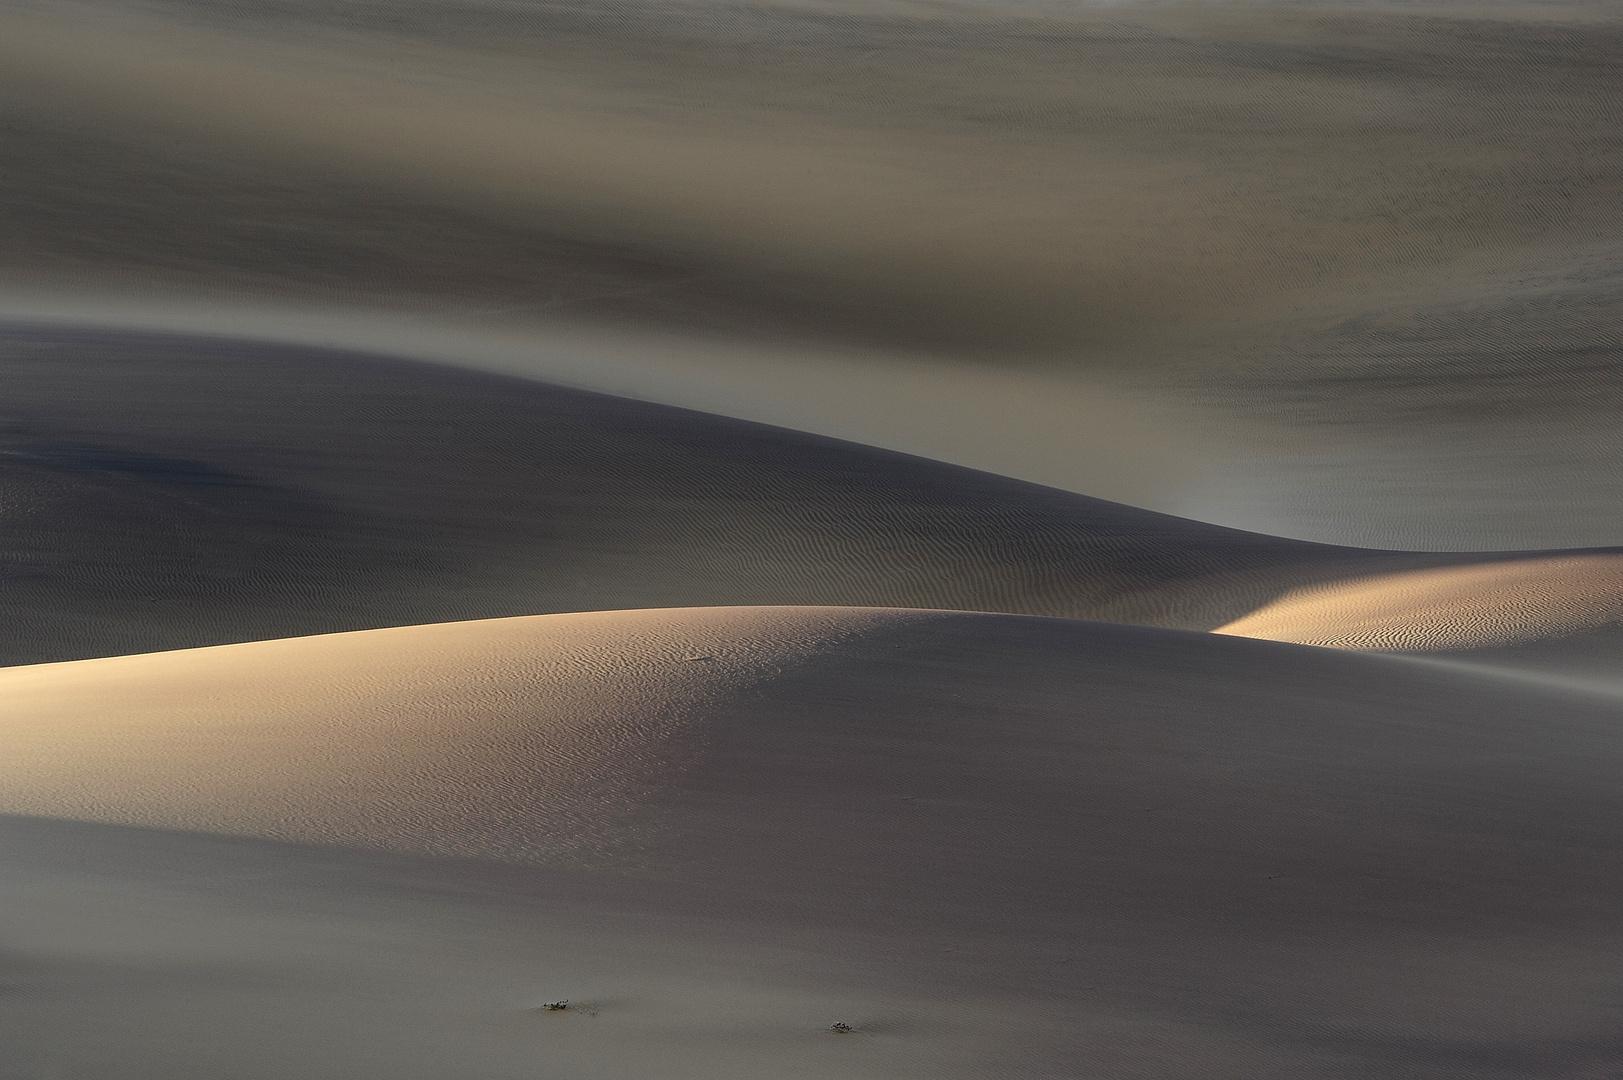 Duenenlicht -Dunelight_DSC8920-01